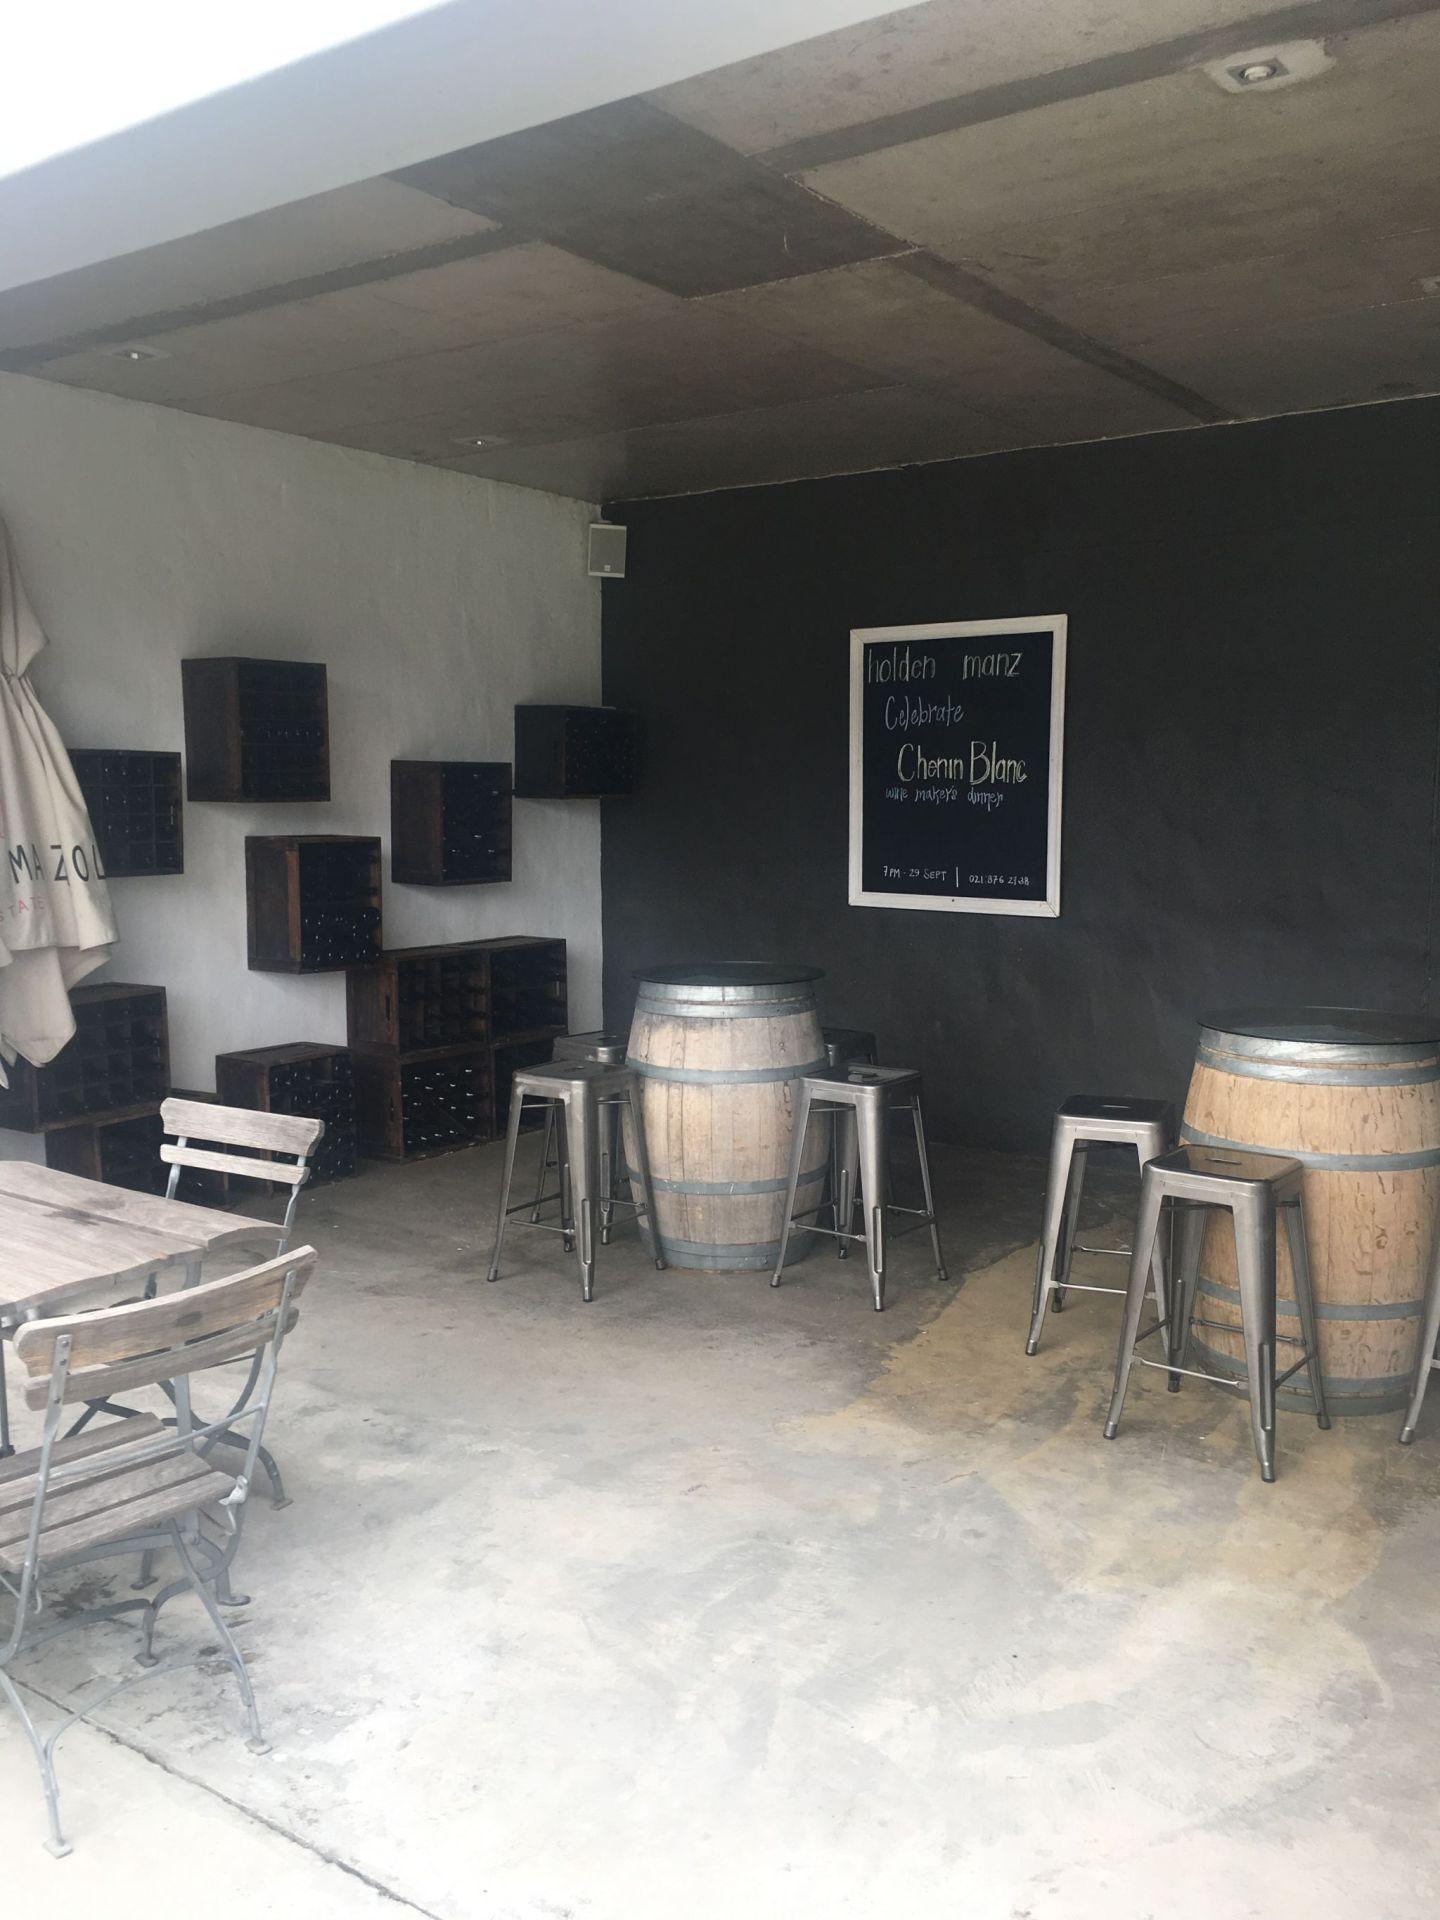 Wine_Tasting_Holden_Manz